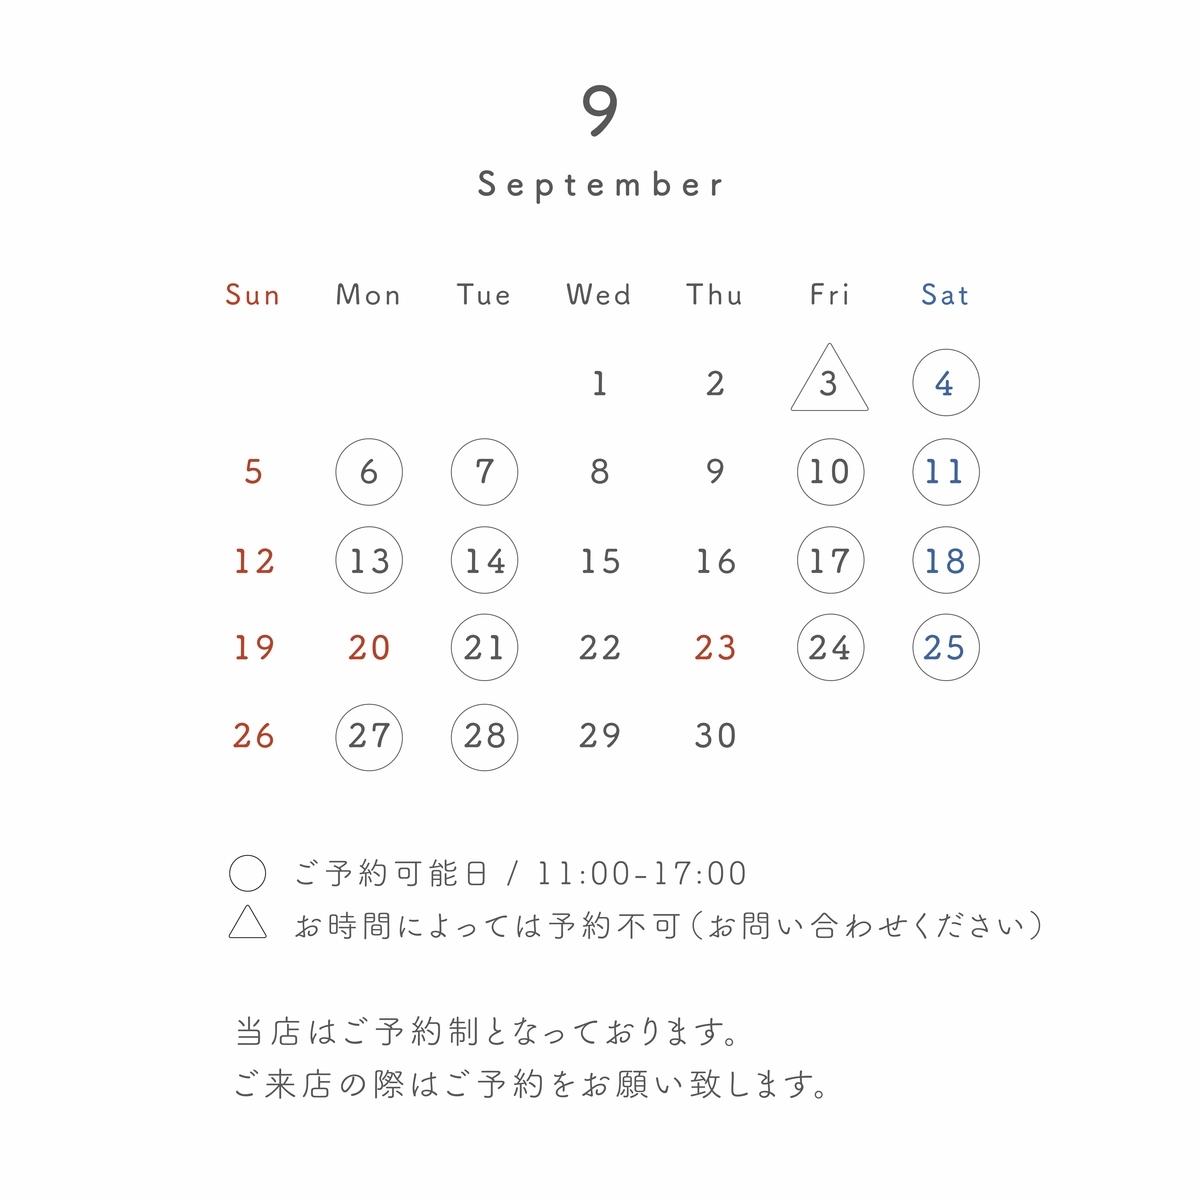 f:id:mokumosi:20210831170615j:plain